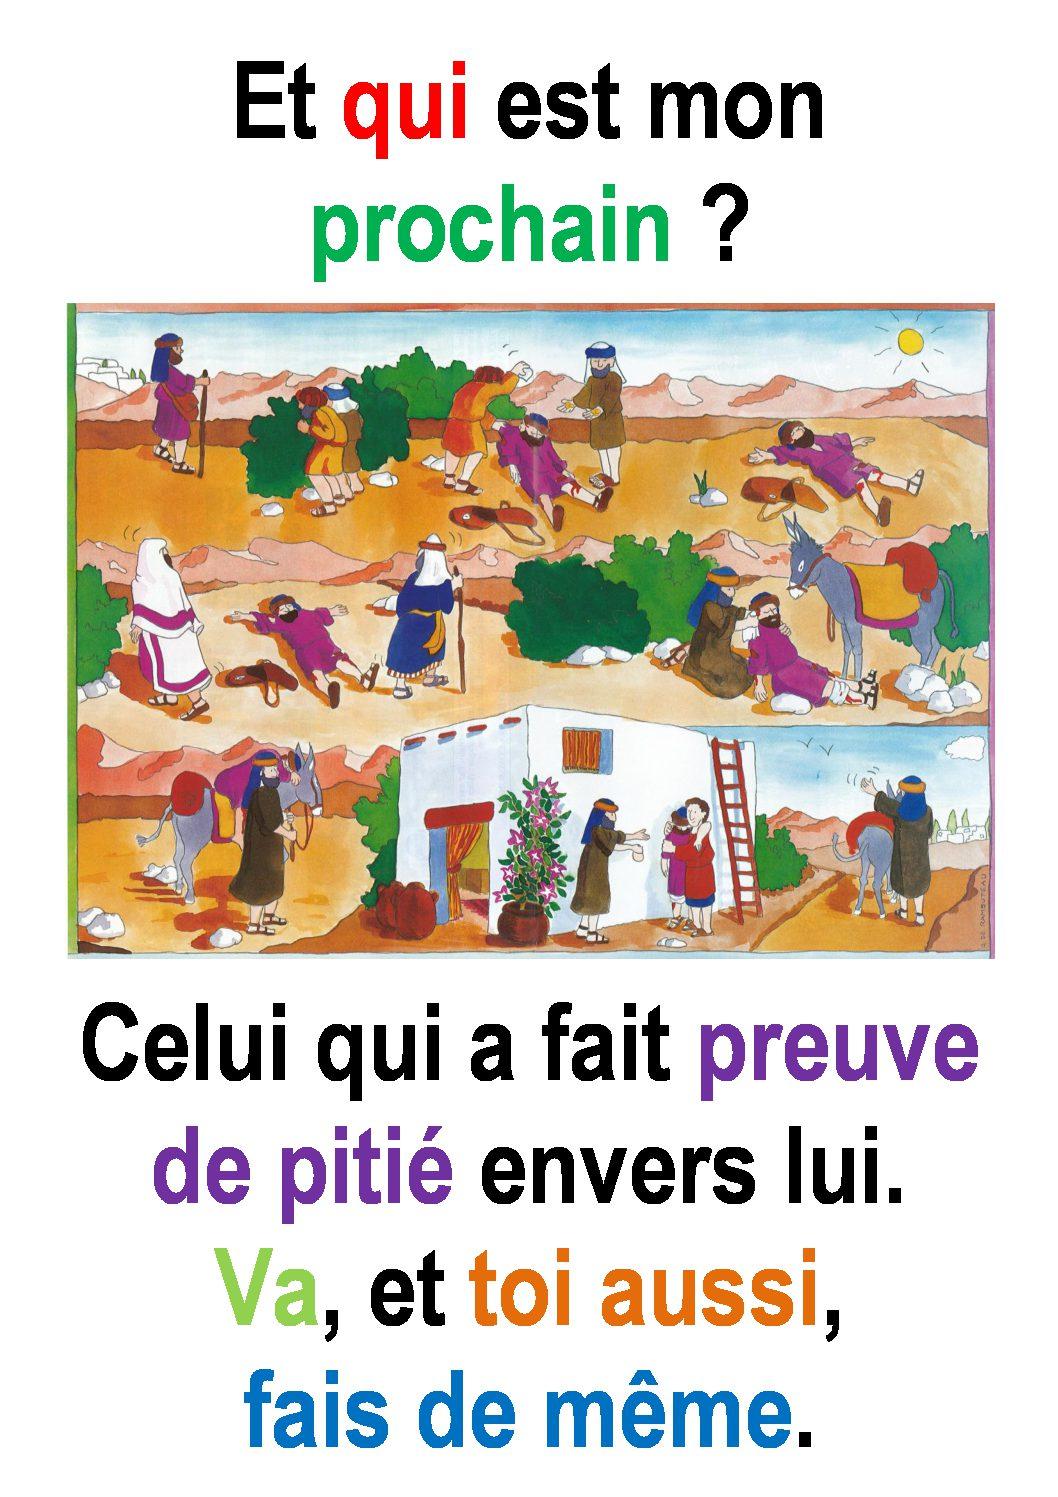 15ième Dimanche du Temps Ordinaire  (Luc 10, 25-37 ) : «Va, et toi aussi, fais de même.» (Francis Cousin)